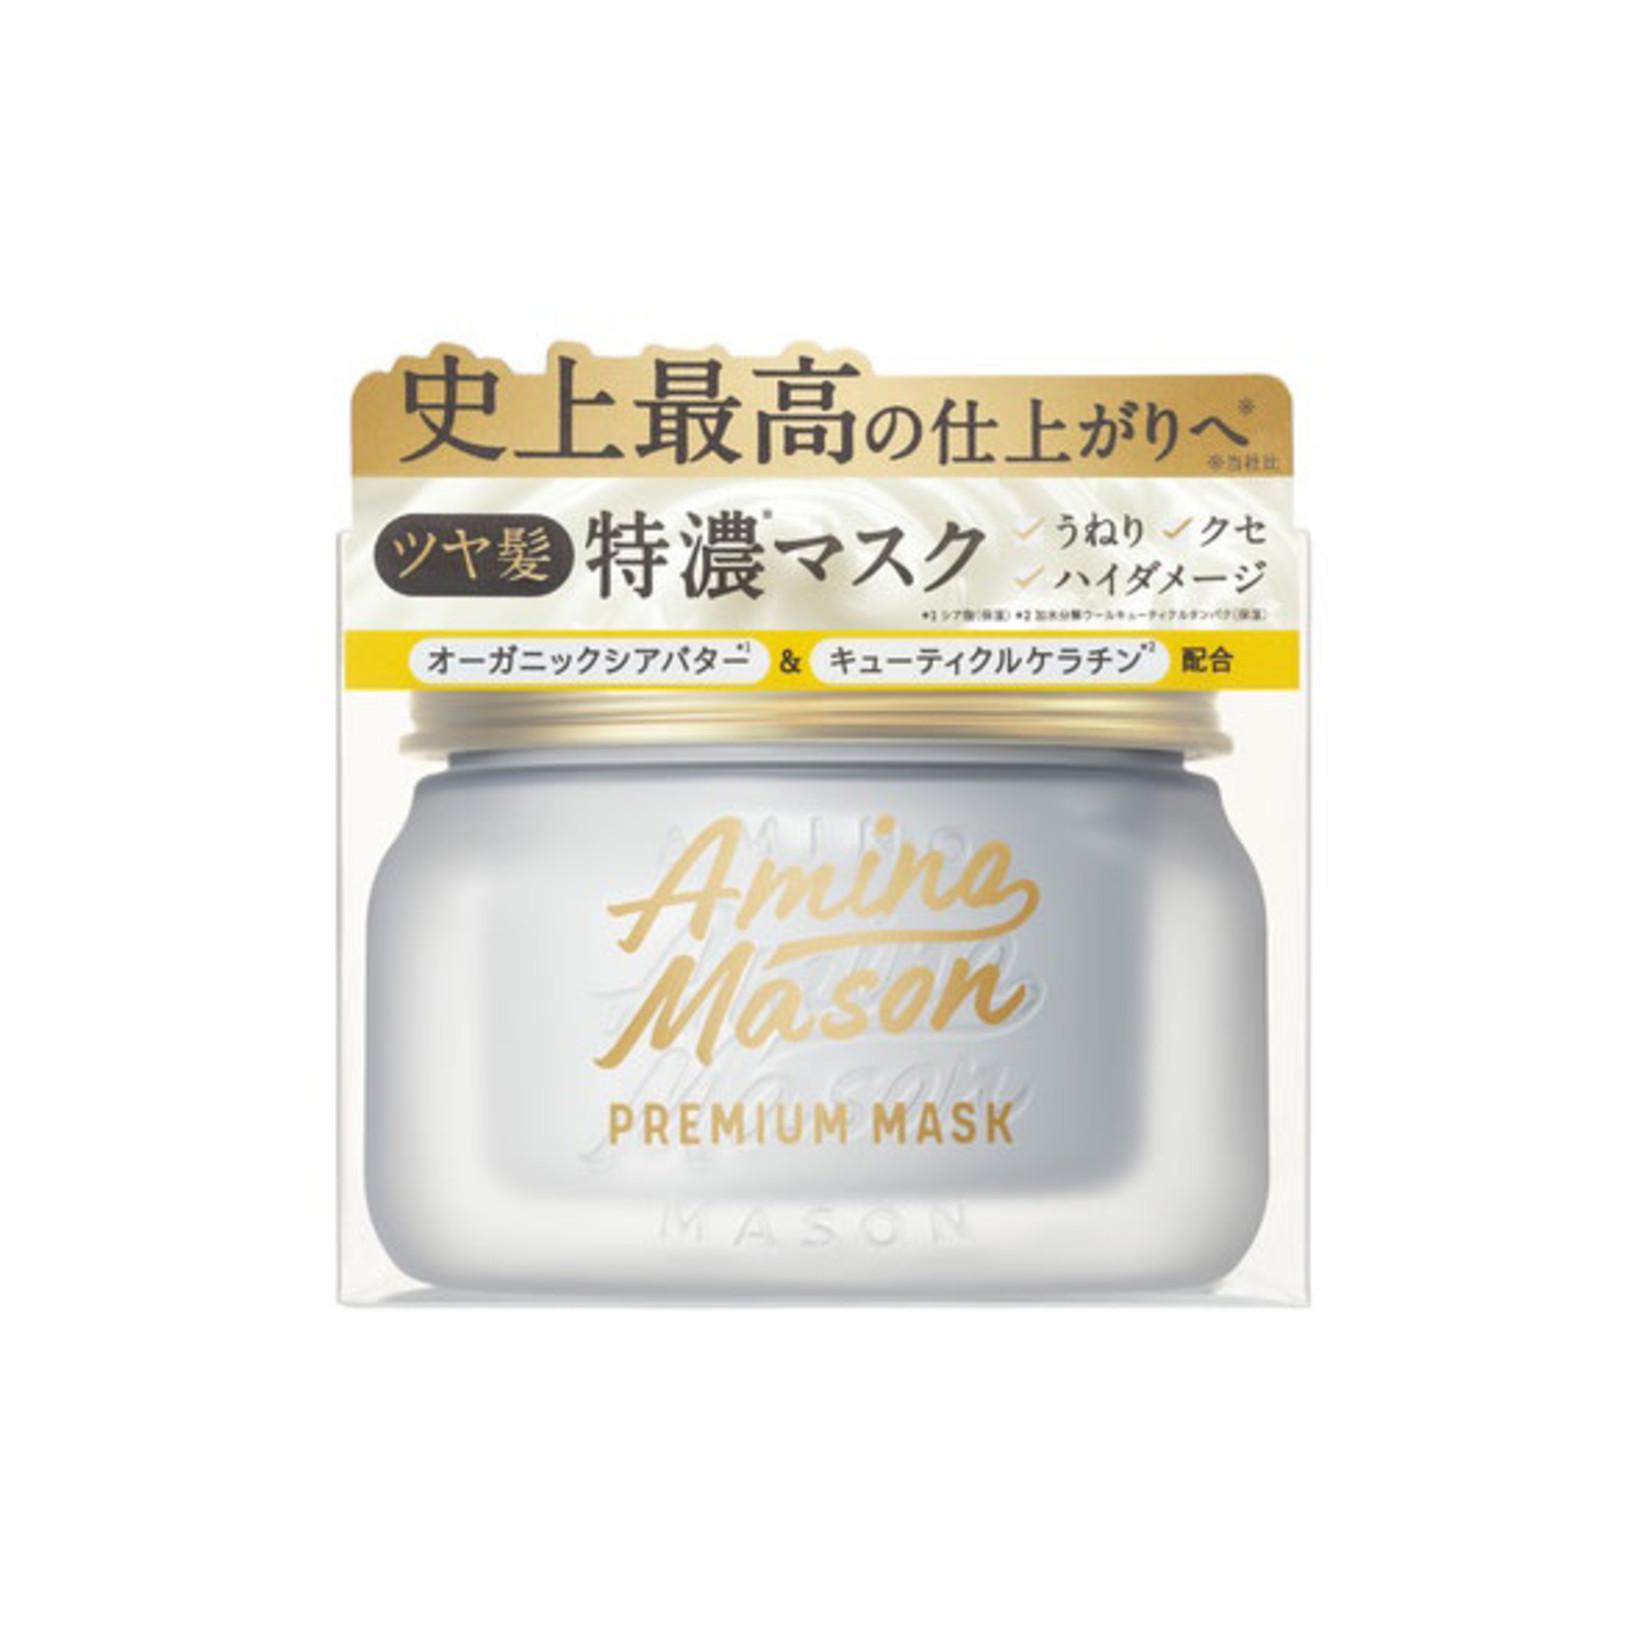 Amino Mason Premium Moist Cream Mask 210g